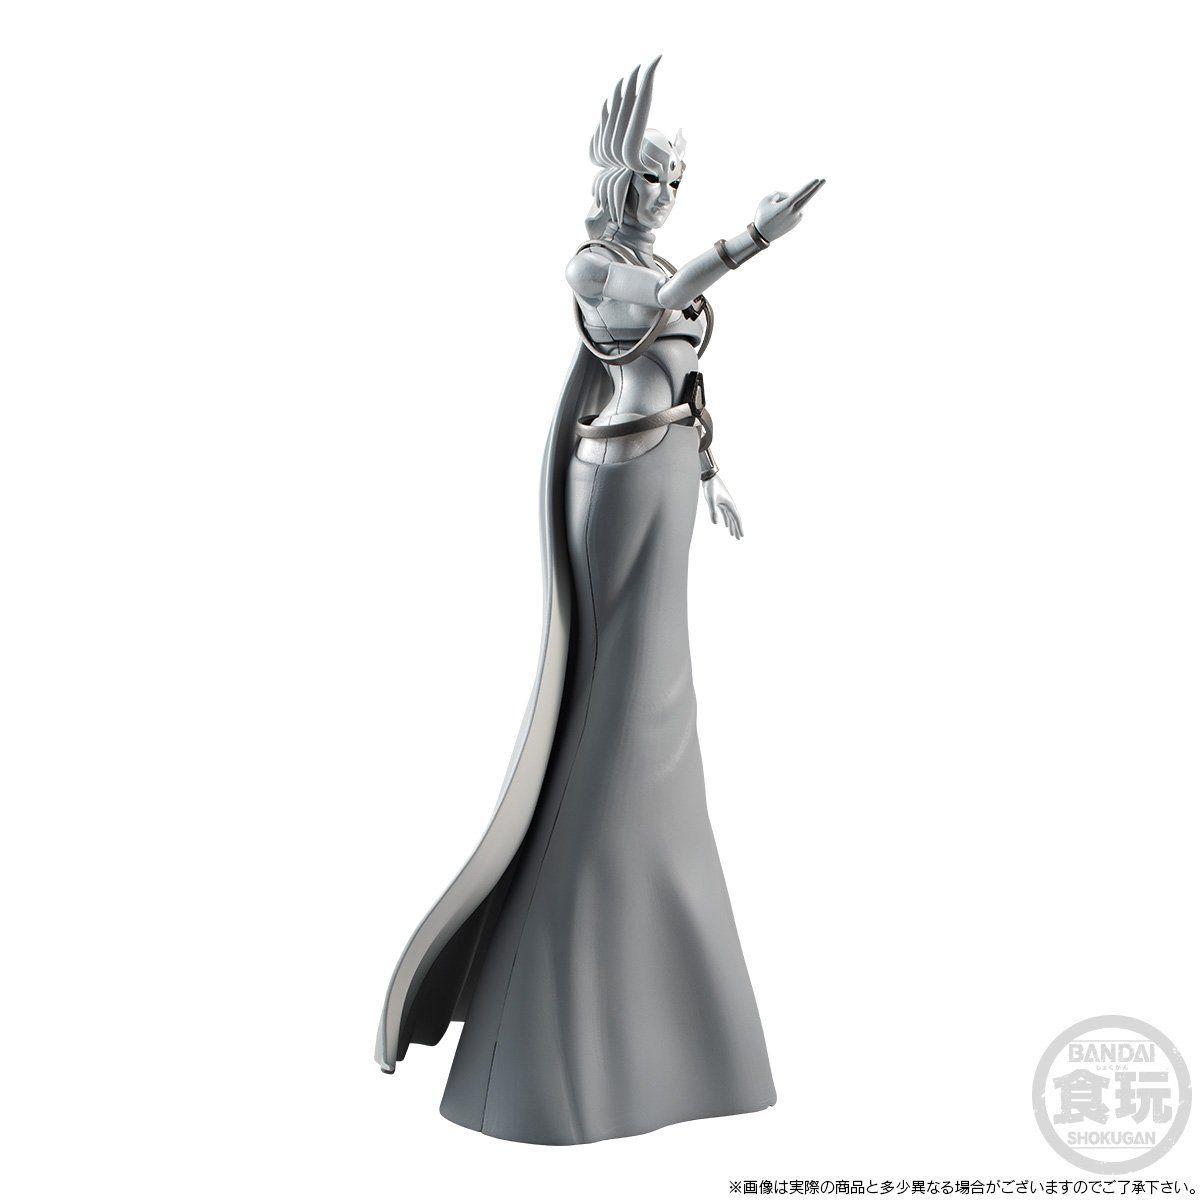 【限定販売】【食玩】超動ウルトラマン『ウルトラマンガイア -天使降臨-』可動フィギュア-005